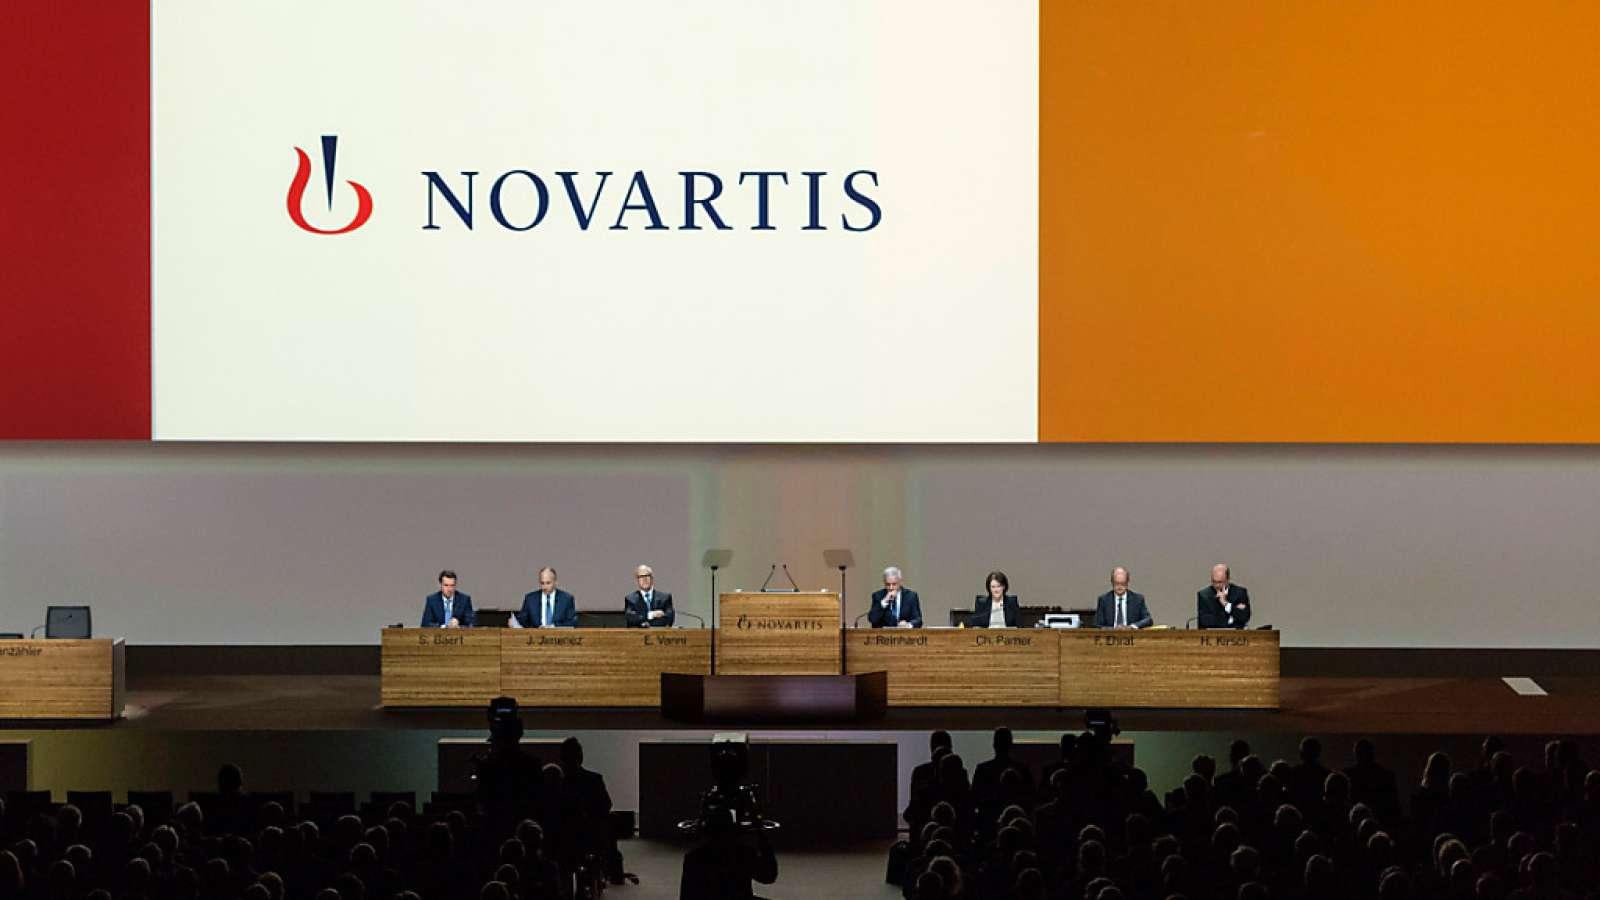 Der Pharmakonzern Novartis tut Gutes und spricht davon. (Archiv)